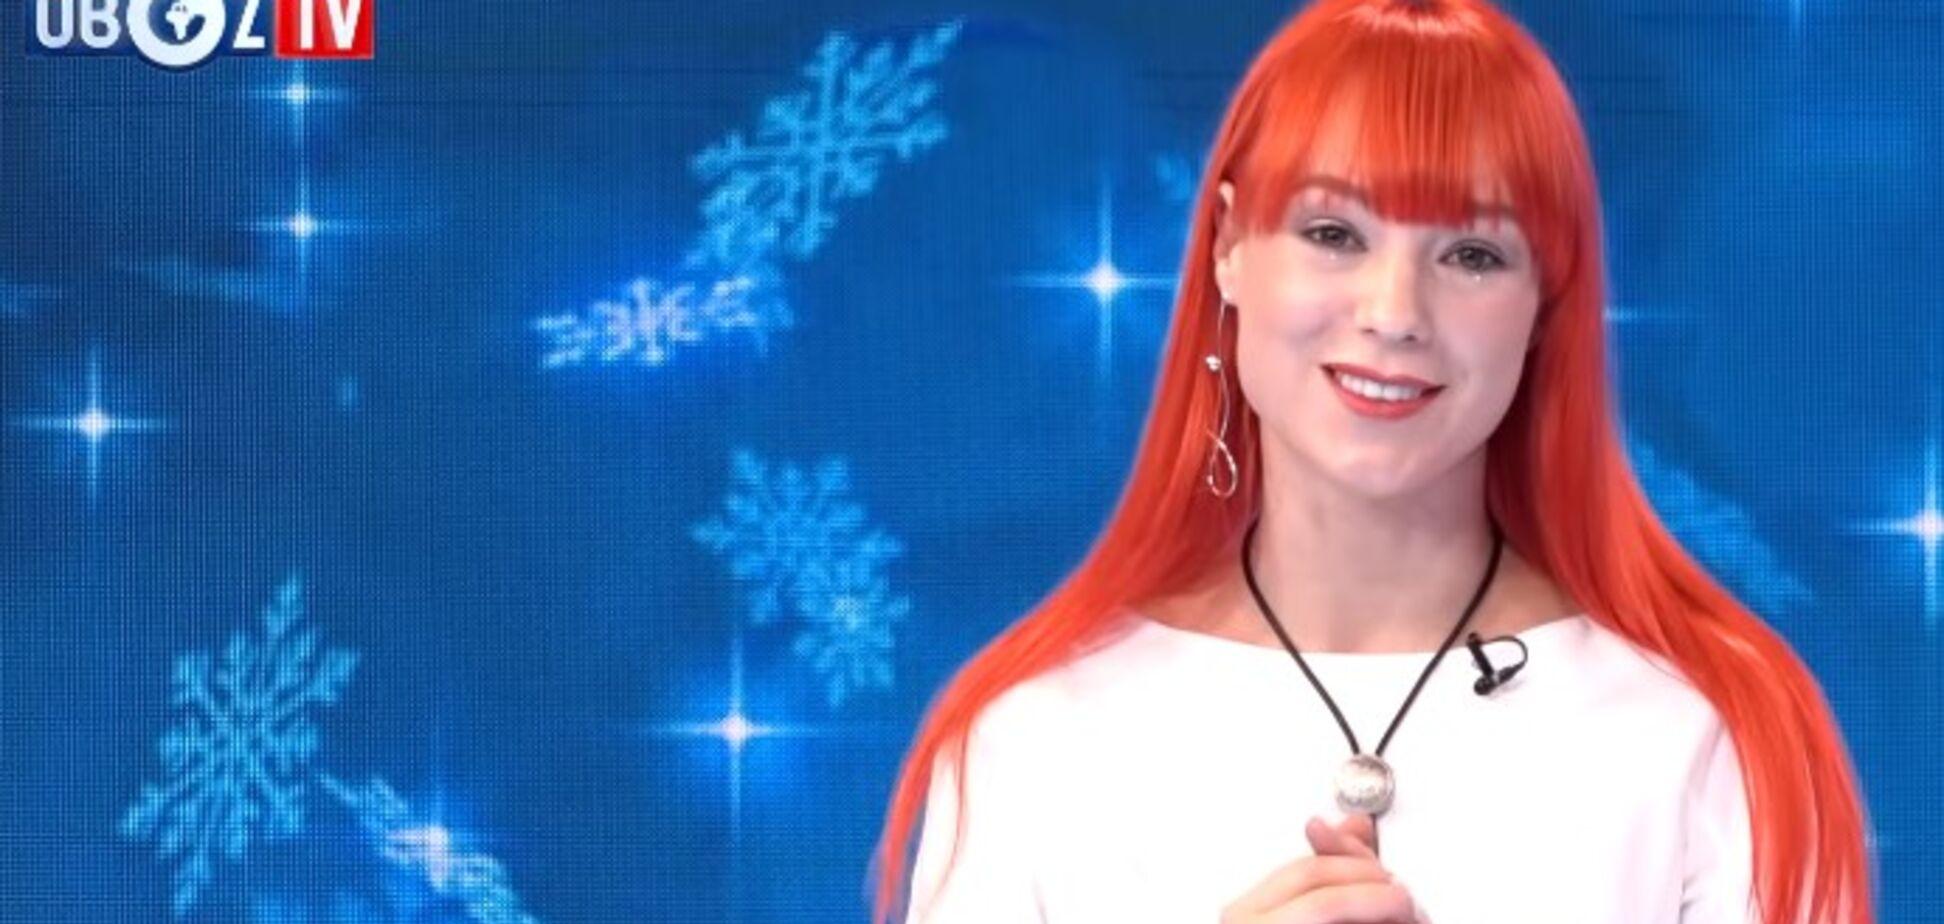 Разом на світлій стороні: популярна співачка зворушливо привітала українців